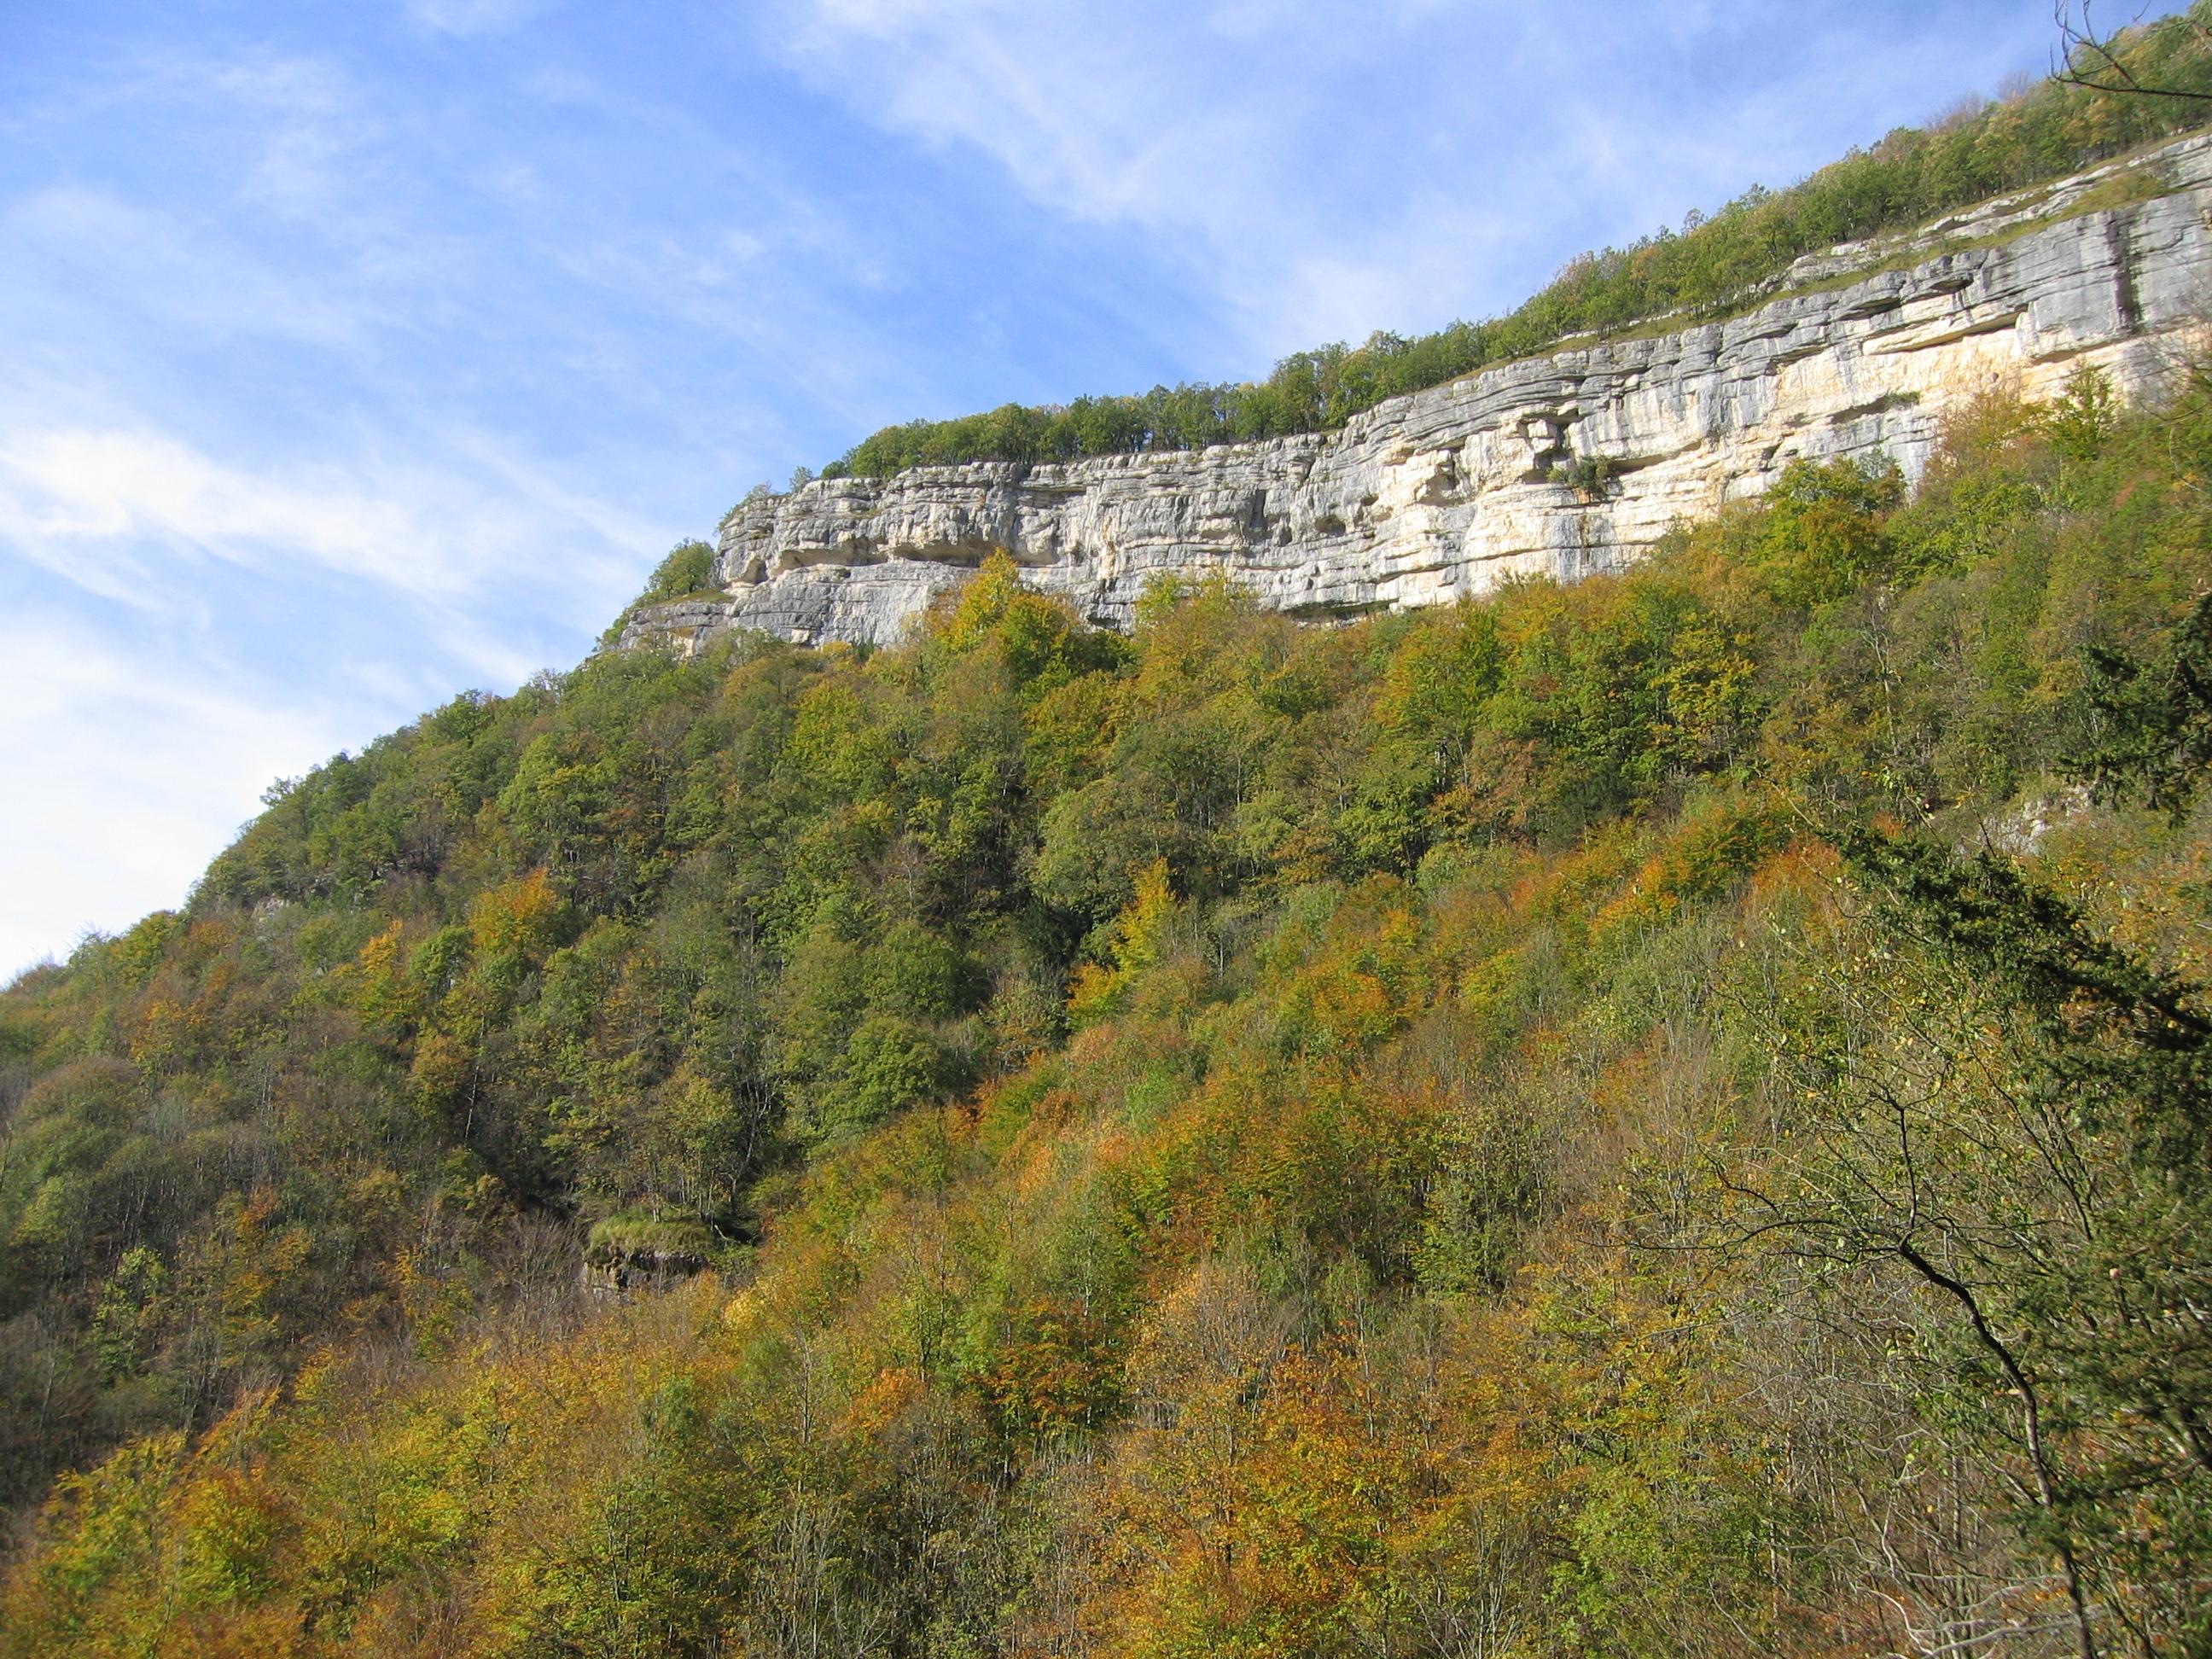 Les montagnes Cascade_du_h%C3%A9risson_Jura_France_-_la_montagne